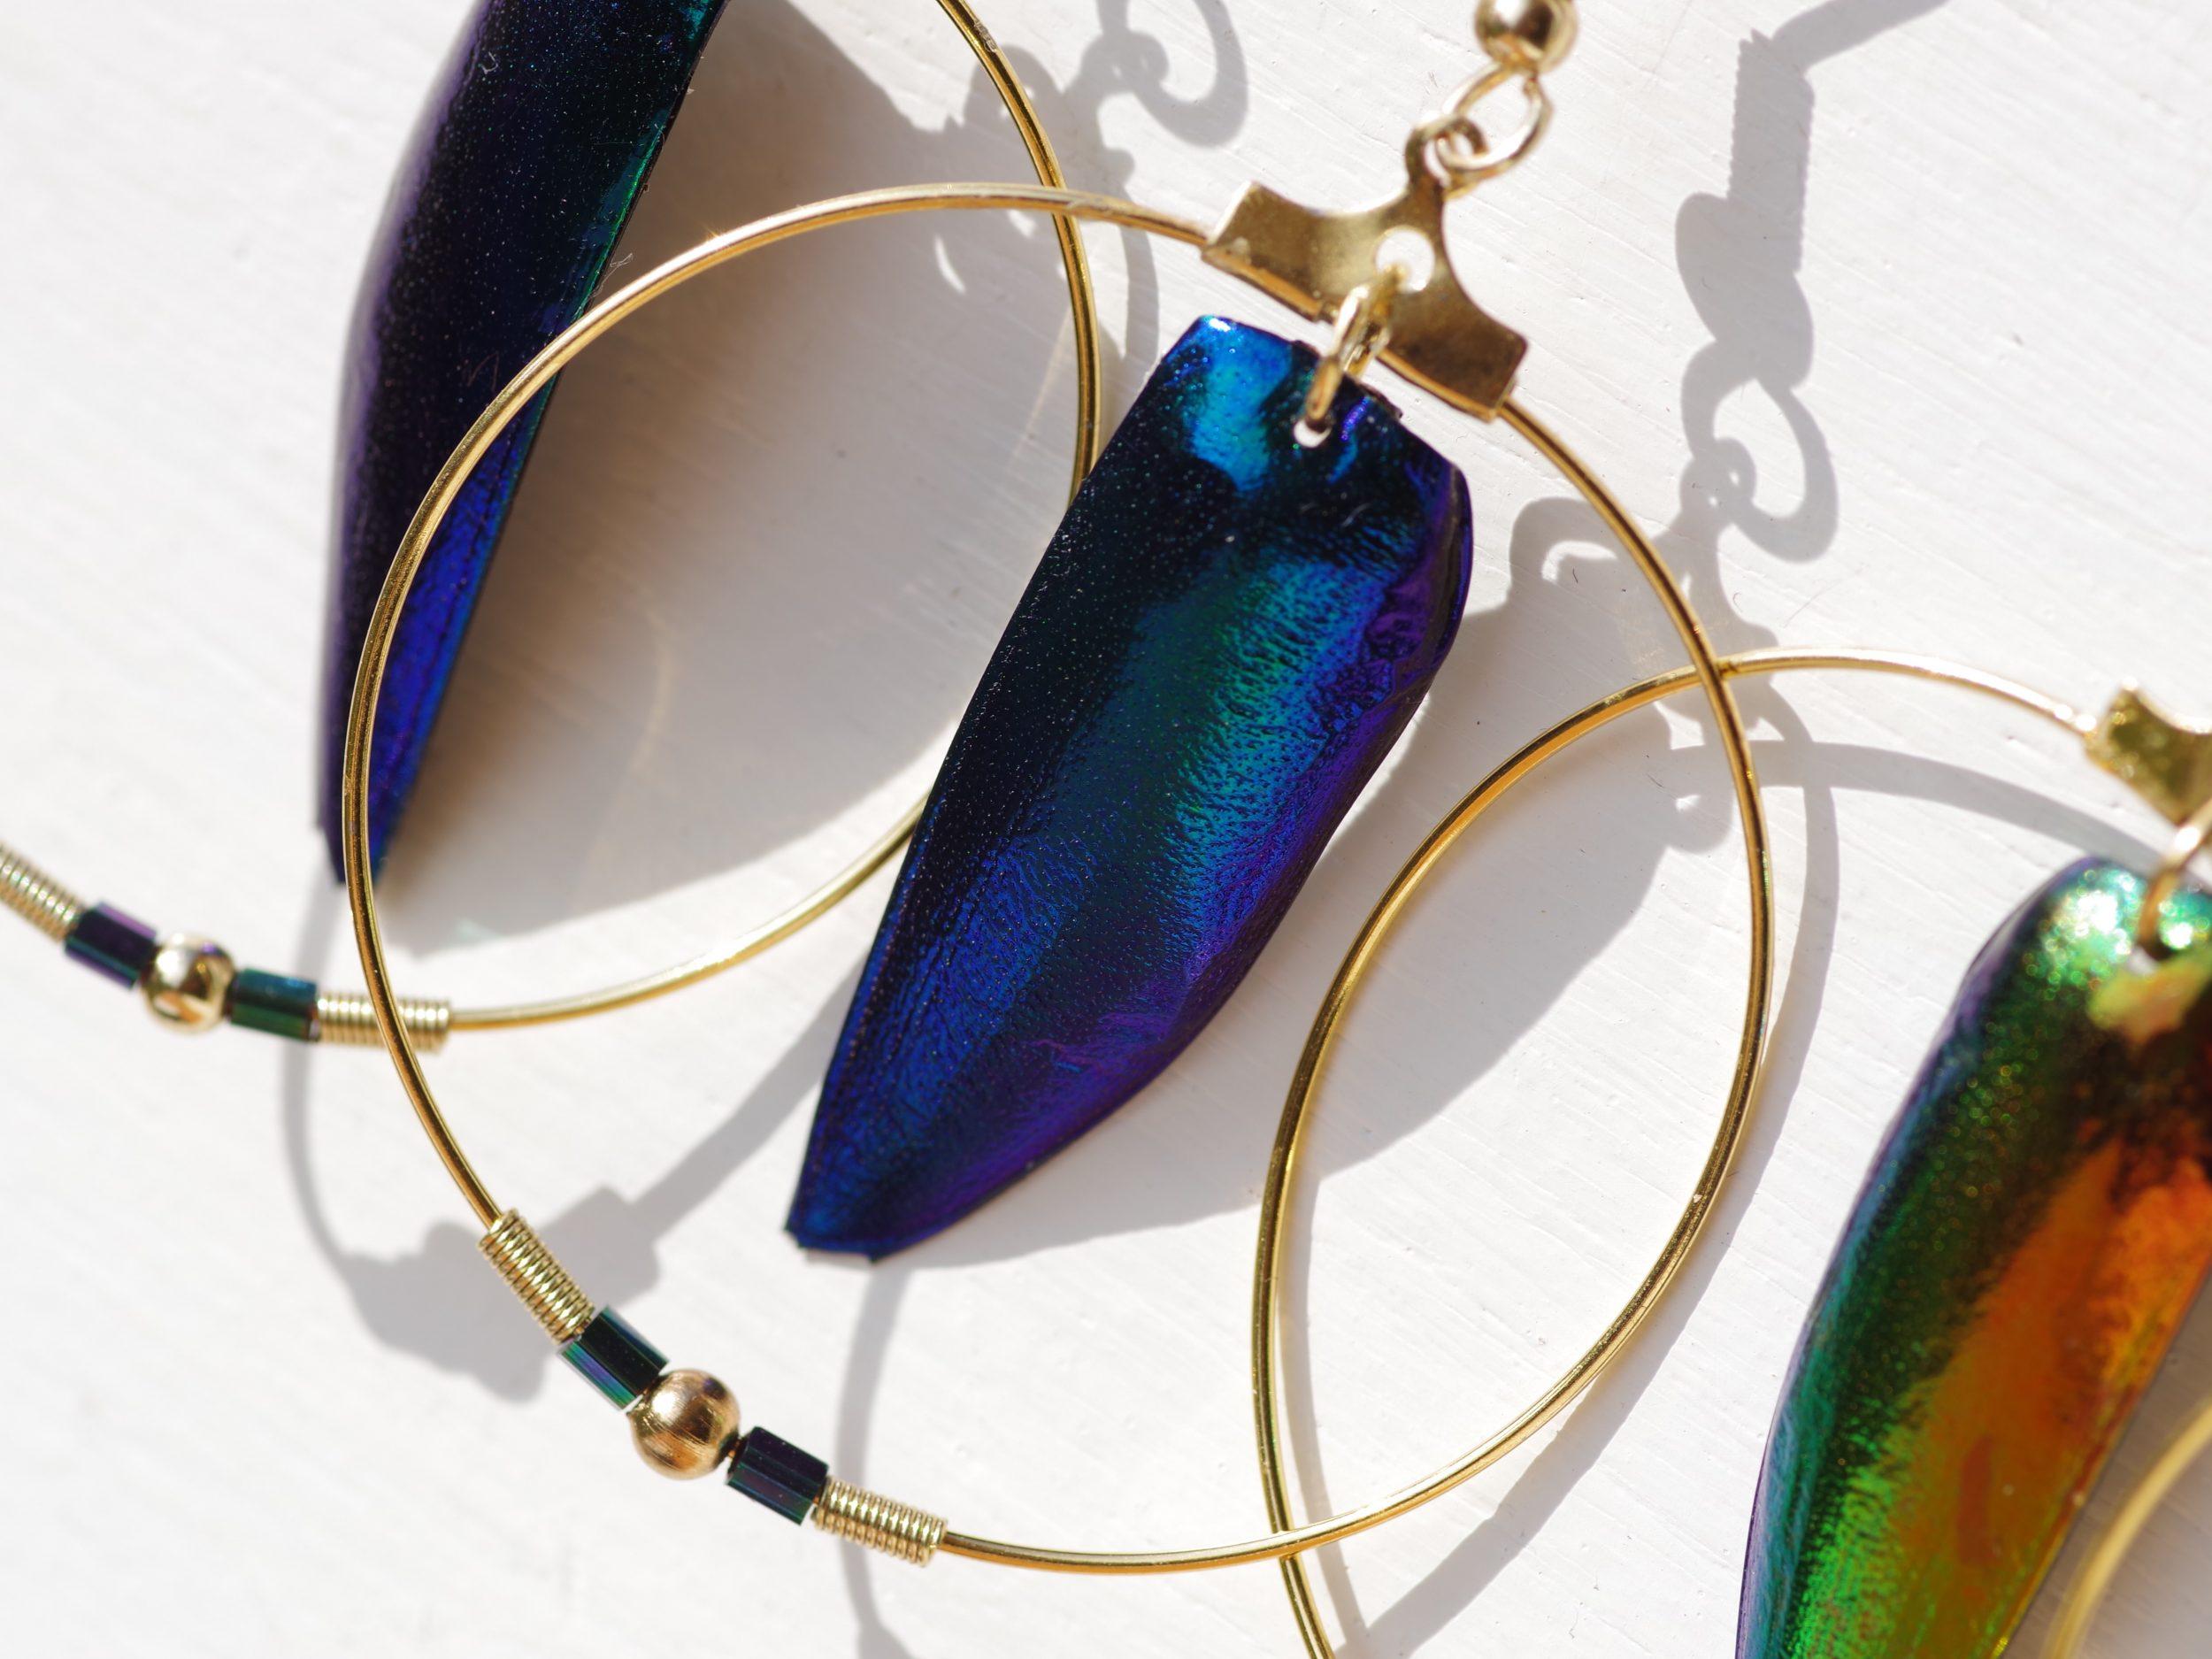 élytres bleus de scarabées aux reflets métallisés très brillants dans un anneau doré accompagnés de petites perles de verre bleu. ce sont des boucles d'oreilles minimalistes mais somptueuses